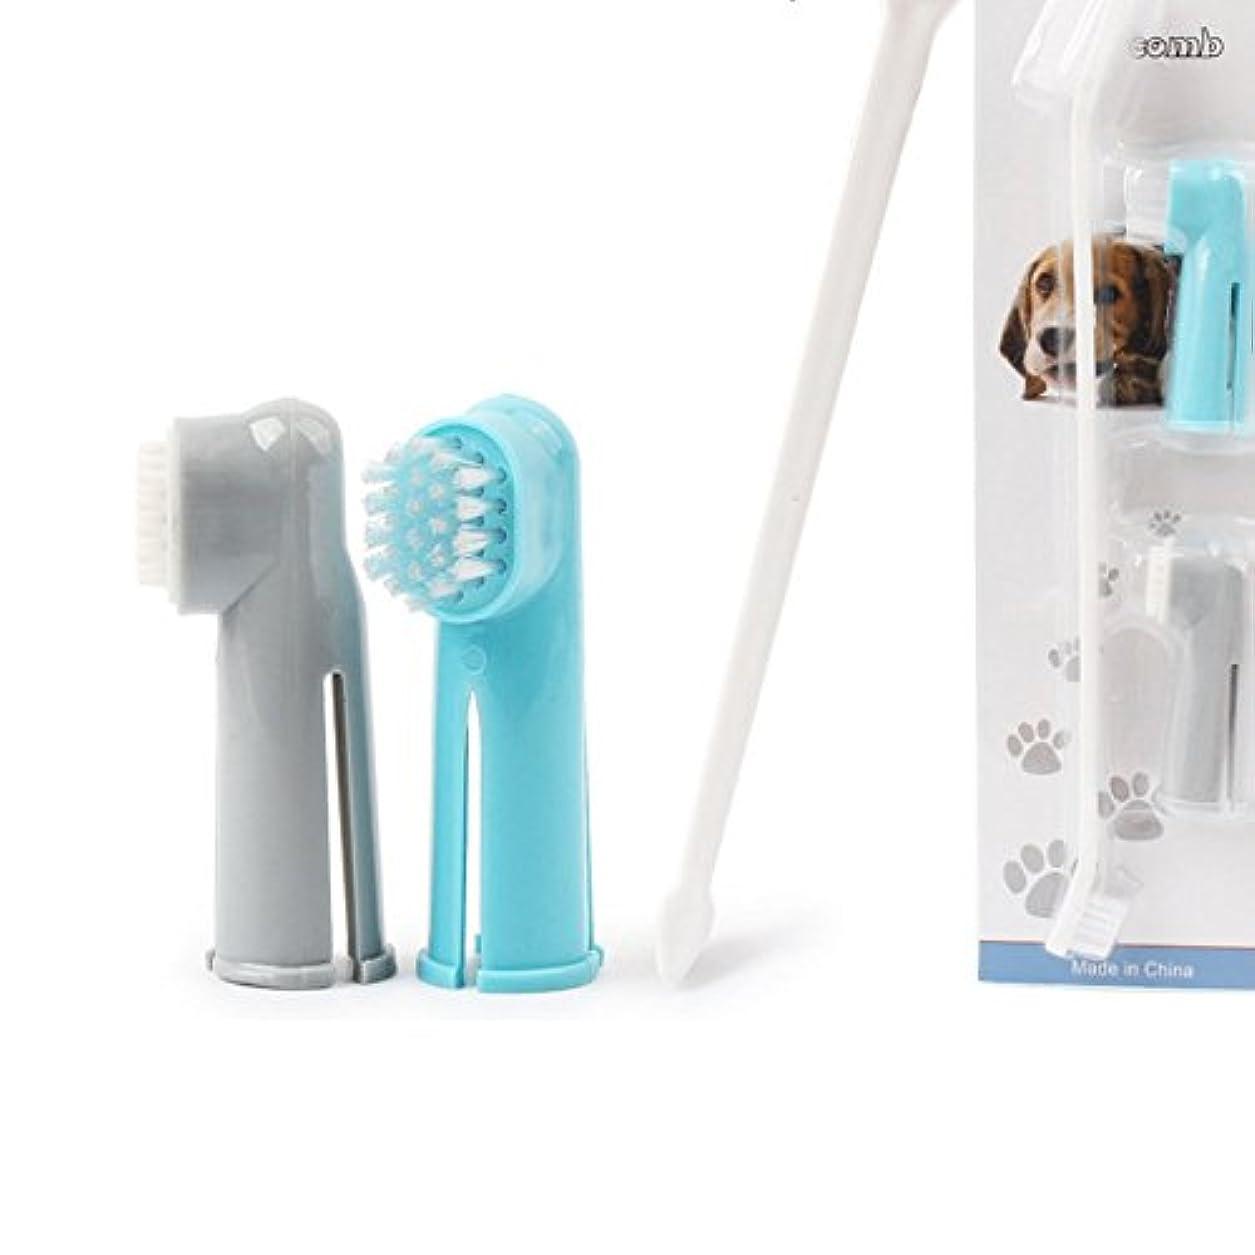 割るスパイ貧困Bartram 指歯 ブラシ 犬猫用歯ブラシ 歯磨き フィンガータイプ ソフト フィンガータイプ デンタルケア 3ピースセット